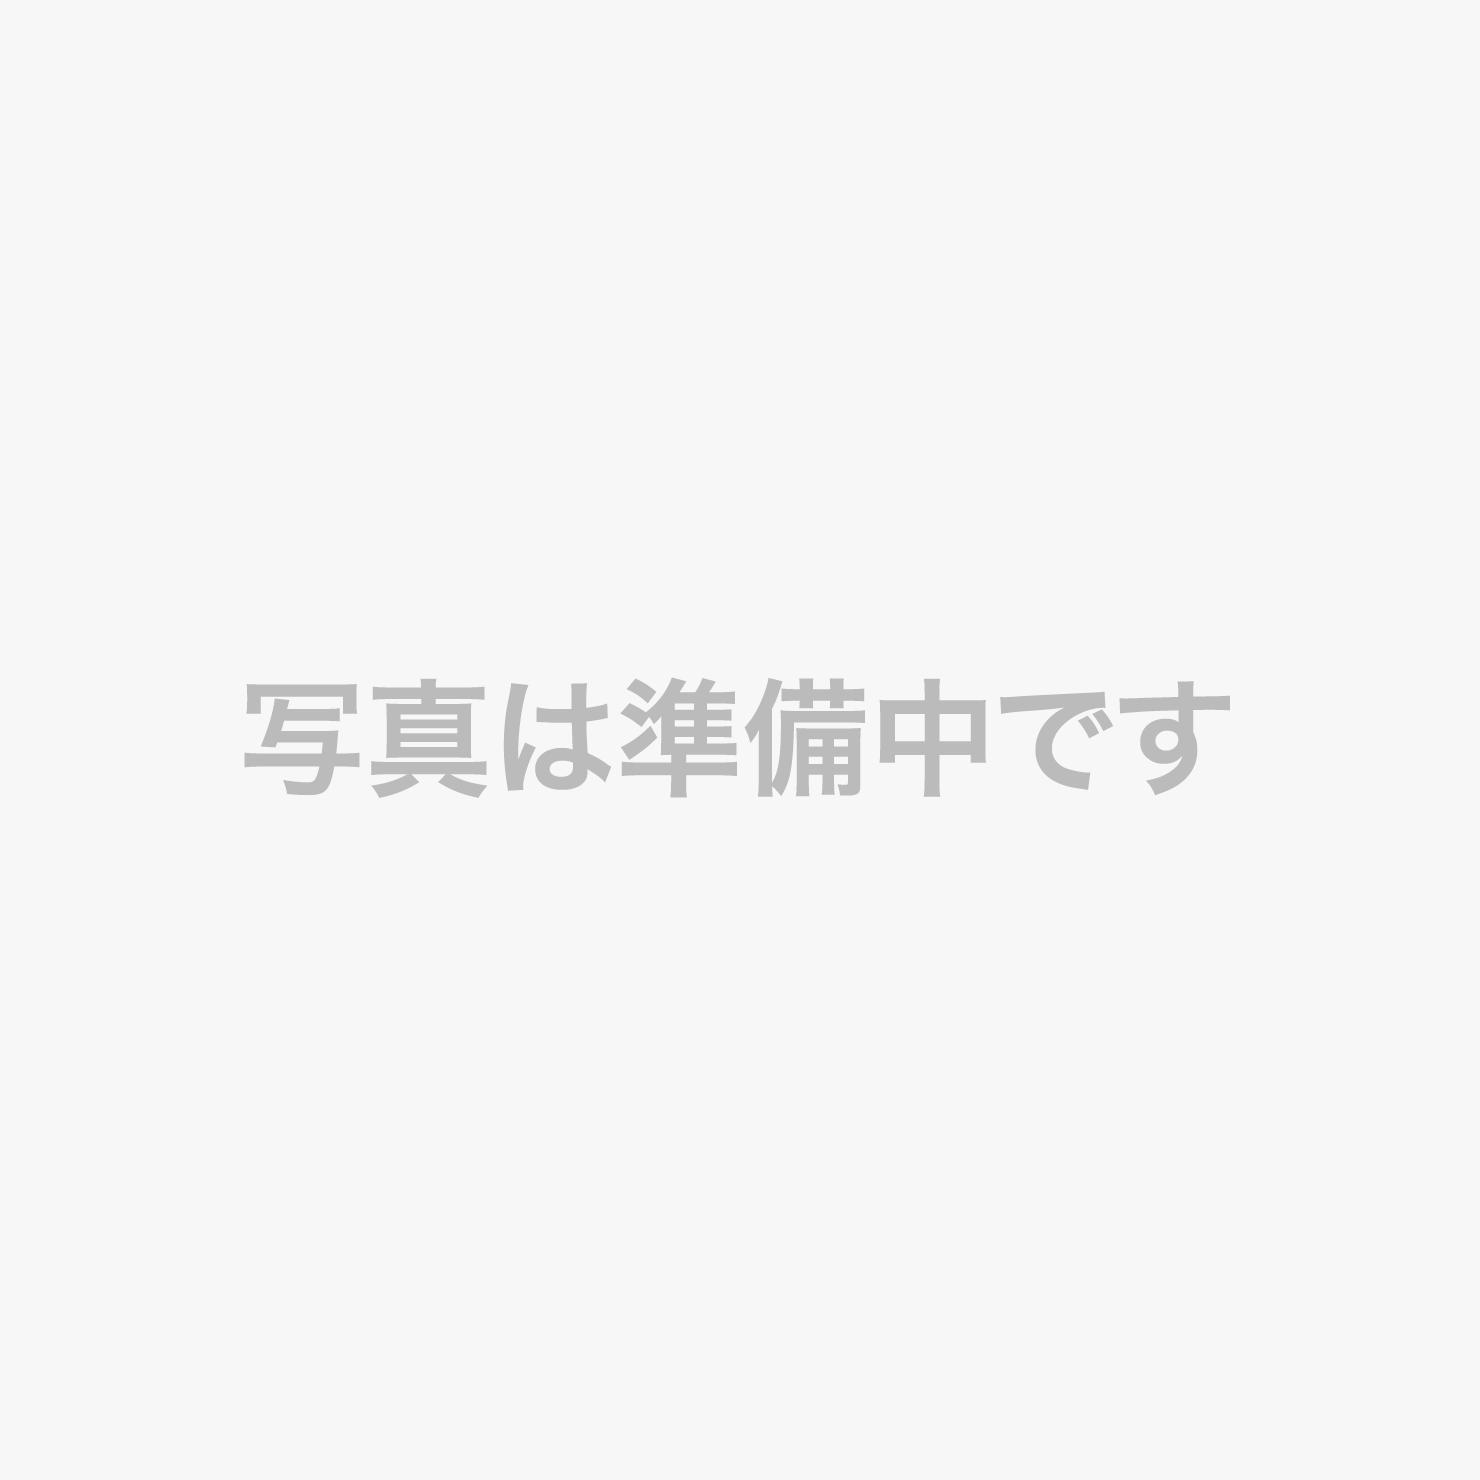 【追加注文料理】別注:熊野牛陶板焼き ご希望の場合は4日前までにご連絡ください。※イメージ